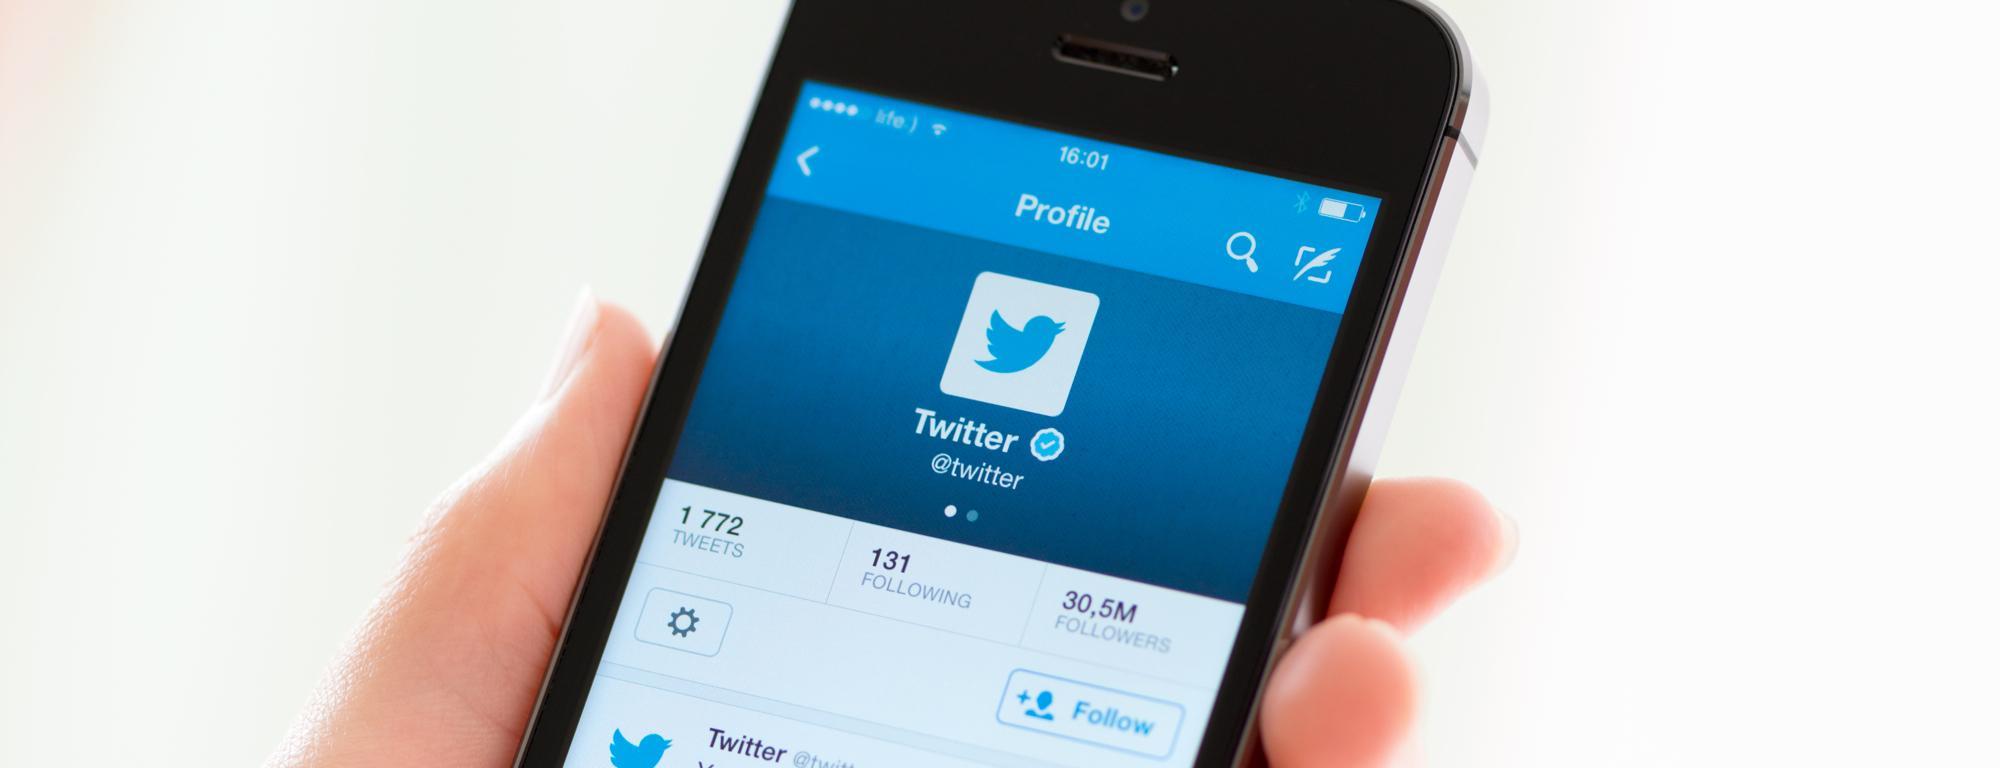 Twitter тестирует режим Tweetstorm, позволяющий увеличить объем сообщения, для Android